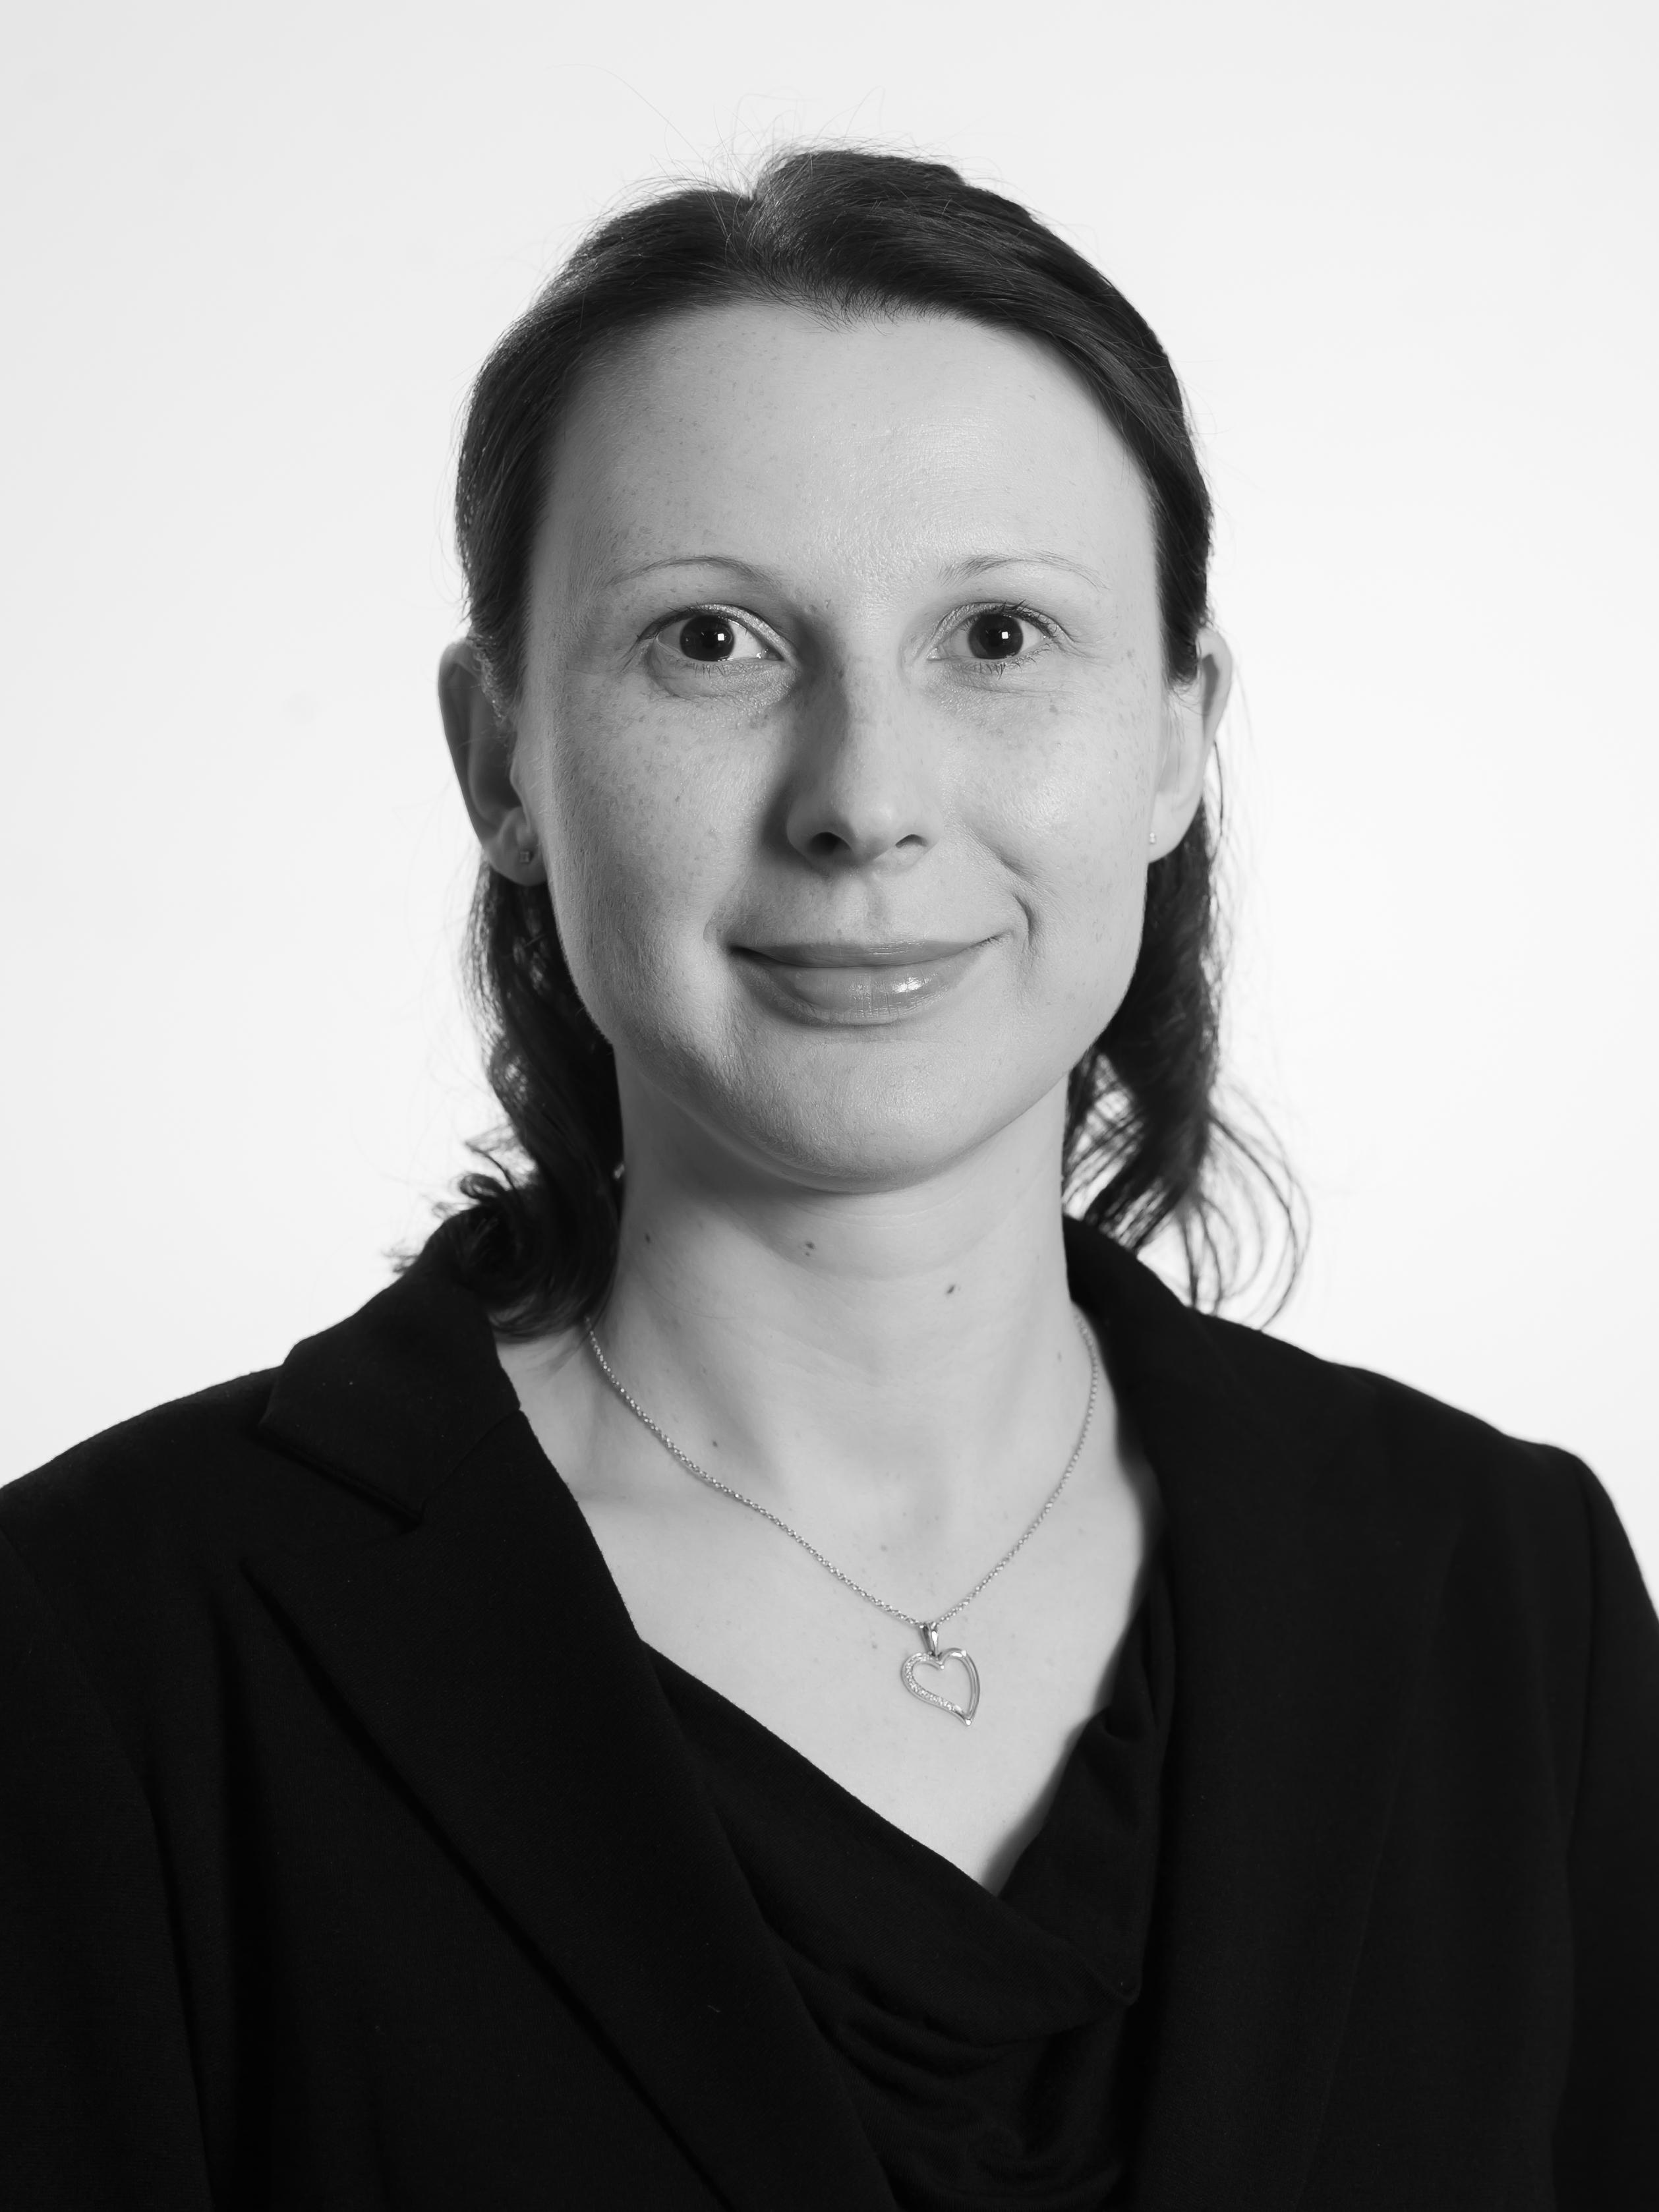 Anna Schneider-Kamp